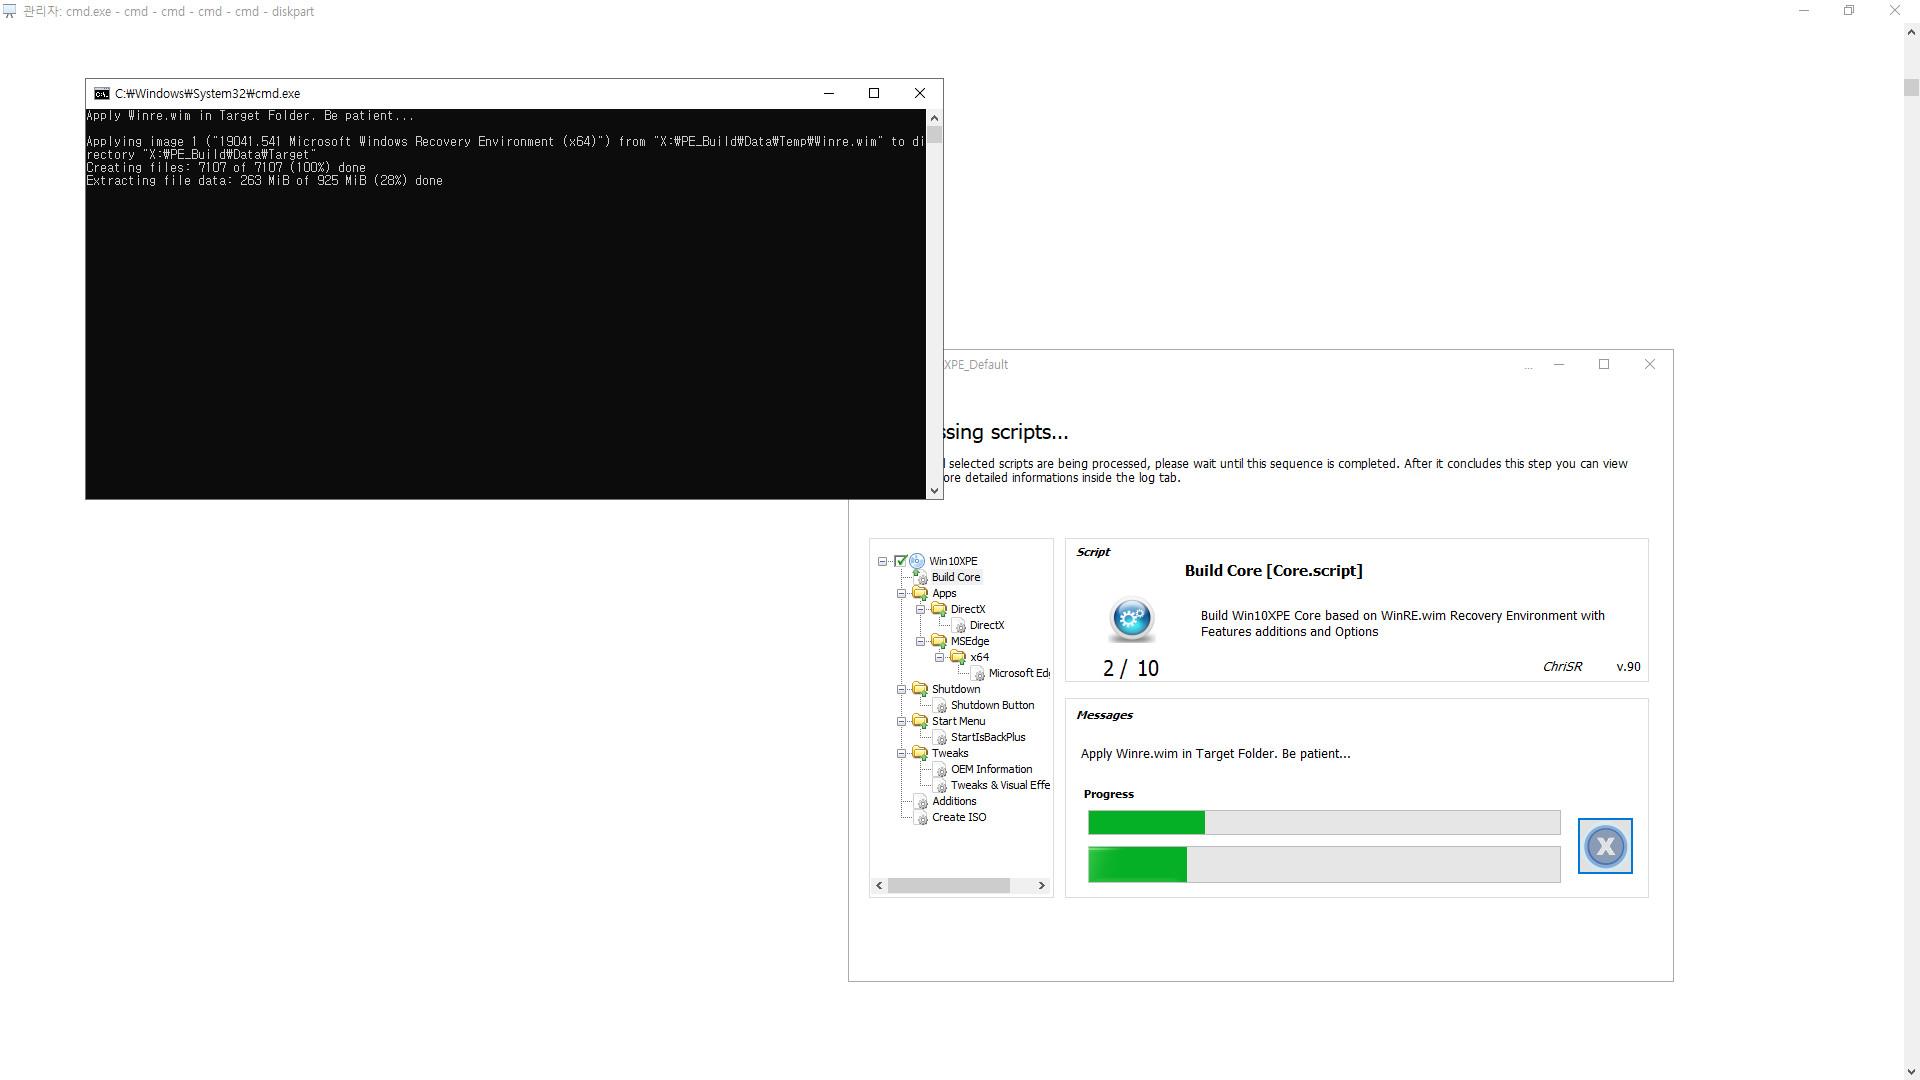 2020-09-23 업데이트 통합 PRO x64 2개 - Windows 10 버전 2004 + 버전 20H2 누적 업데이트 KB4577063 (OS 빌드 19041.541 + 19042.541) - PE 만들기 테스트 2020-09-23_081718.jpg